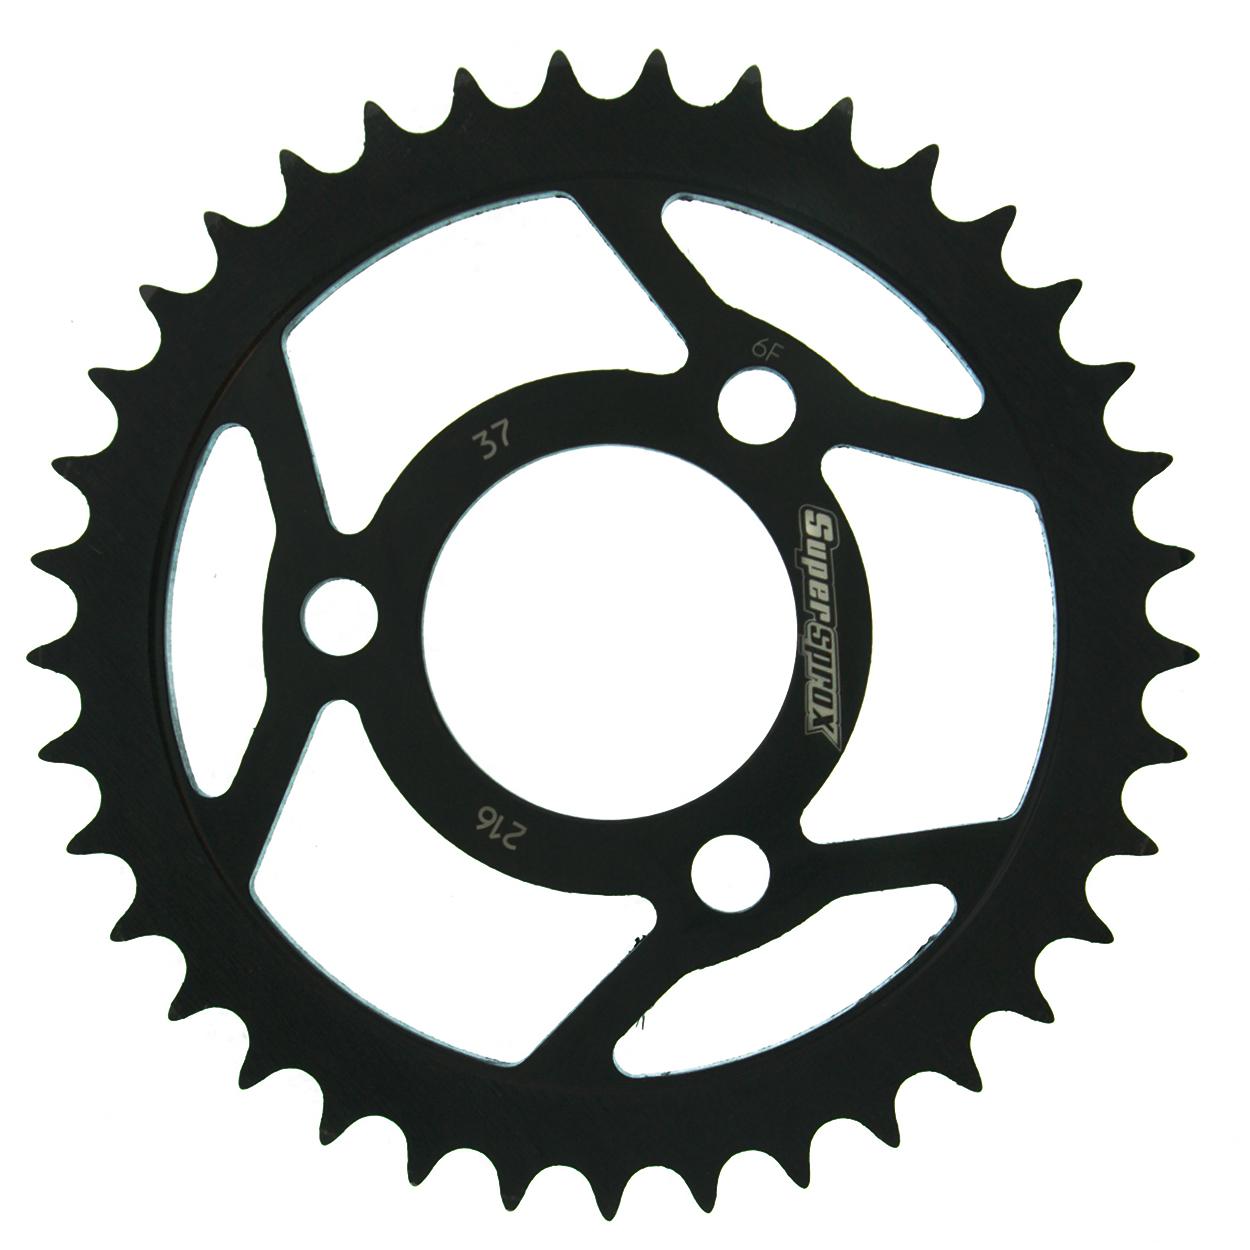 Stahl-Kettenrad Supersprox 420 - 37Z (schwarz)